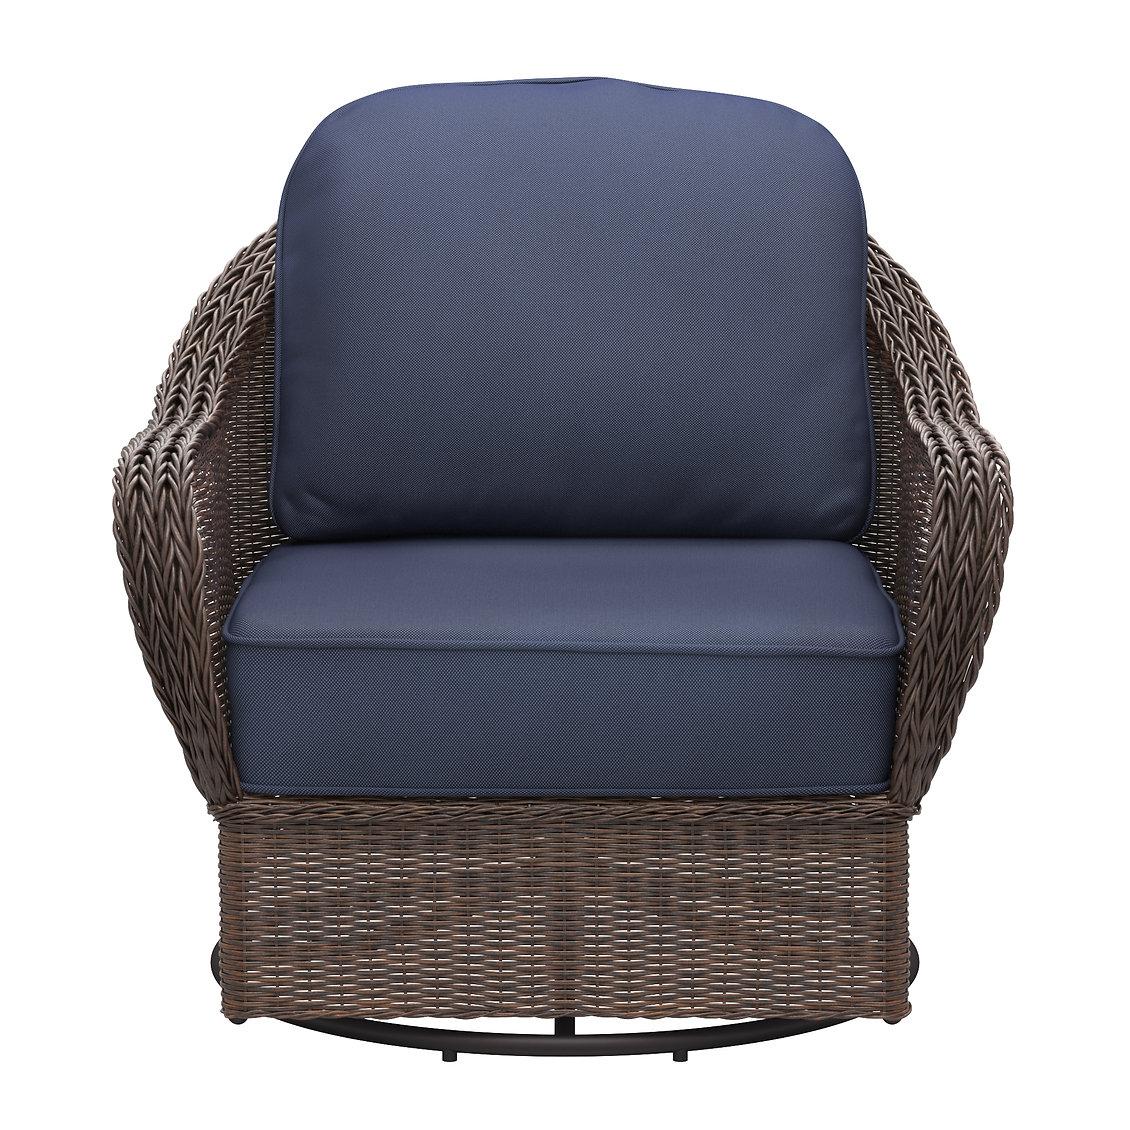 L_1099845_McAden_Chairpsilo.jpg